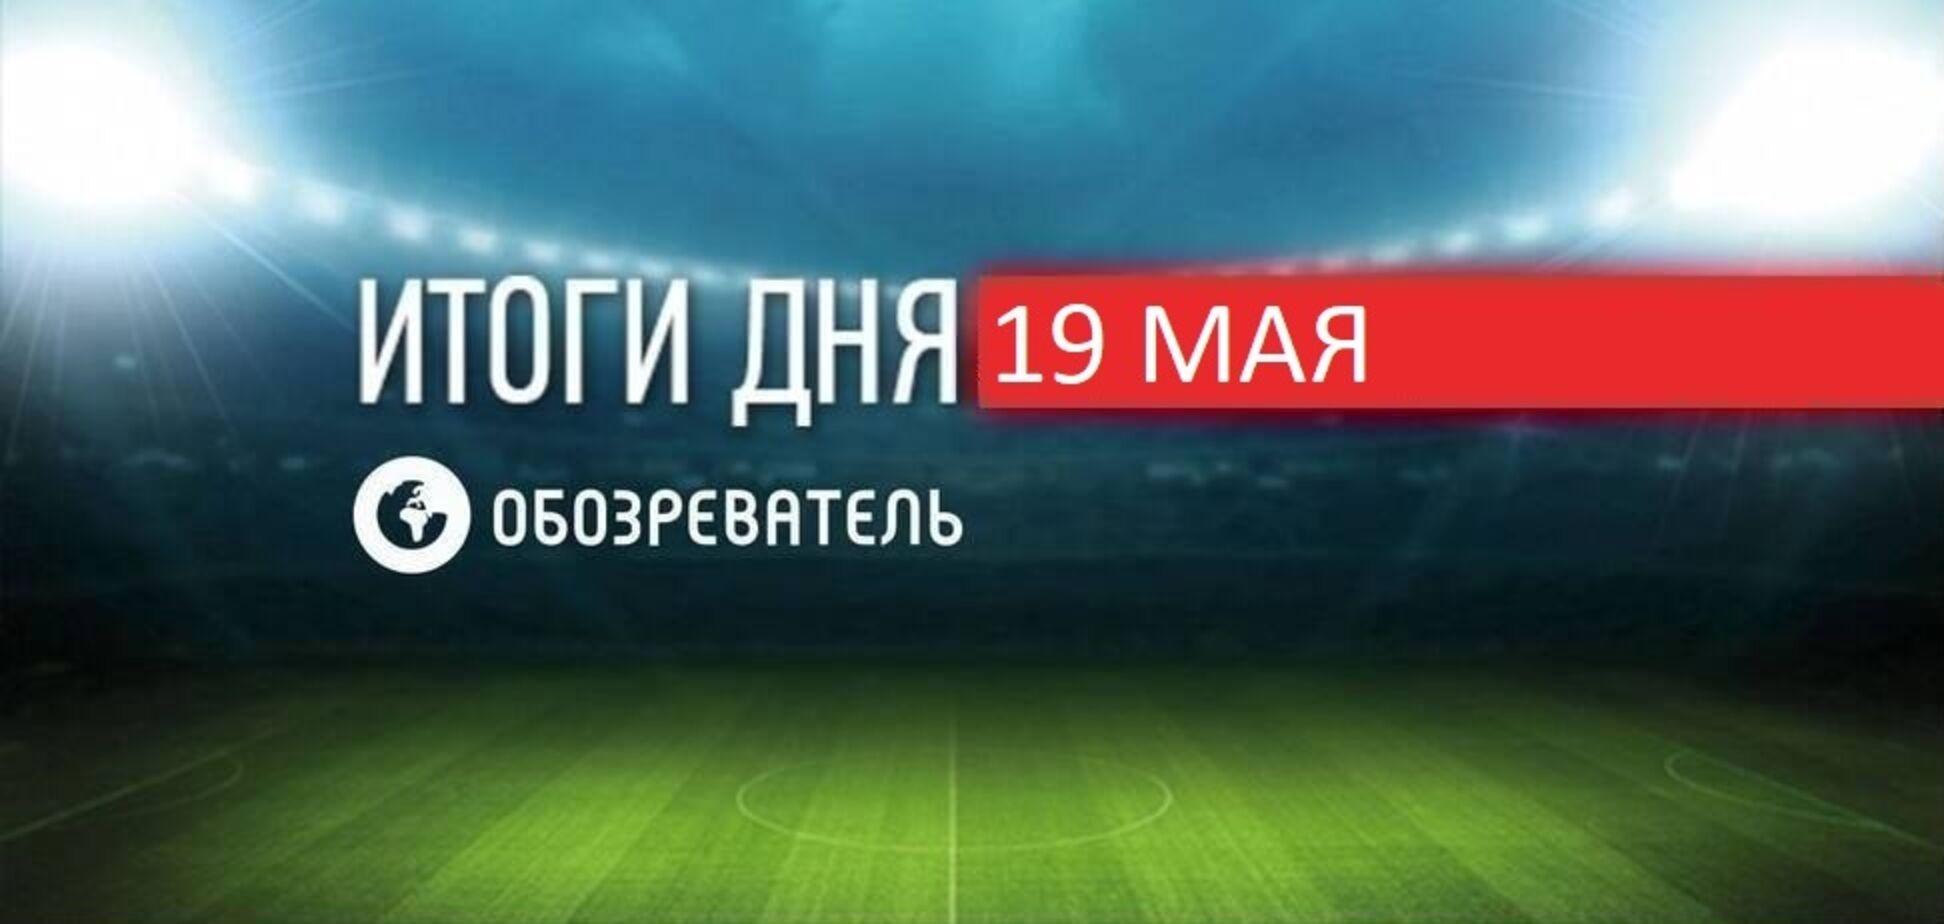 Новости спорта 19 мая: СМИ назвали дату боя Усик – Джошуа, Малиновский забил 'Ювентусу'